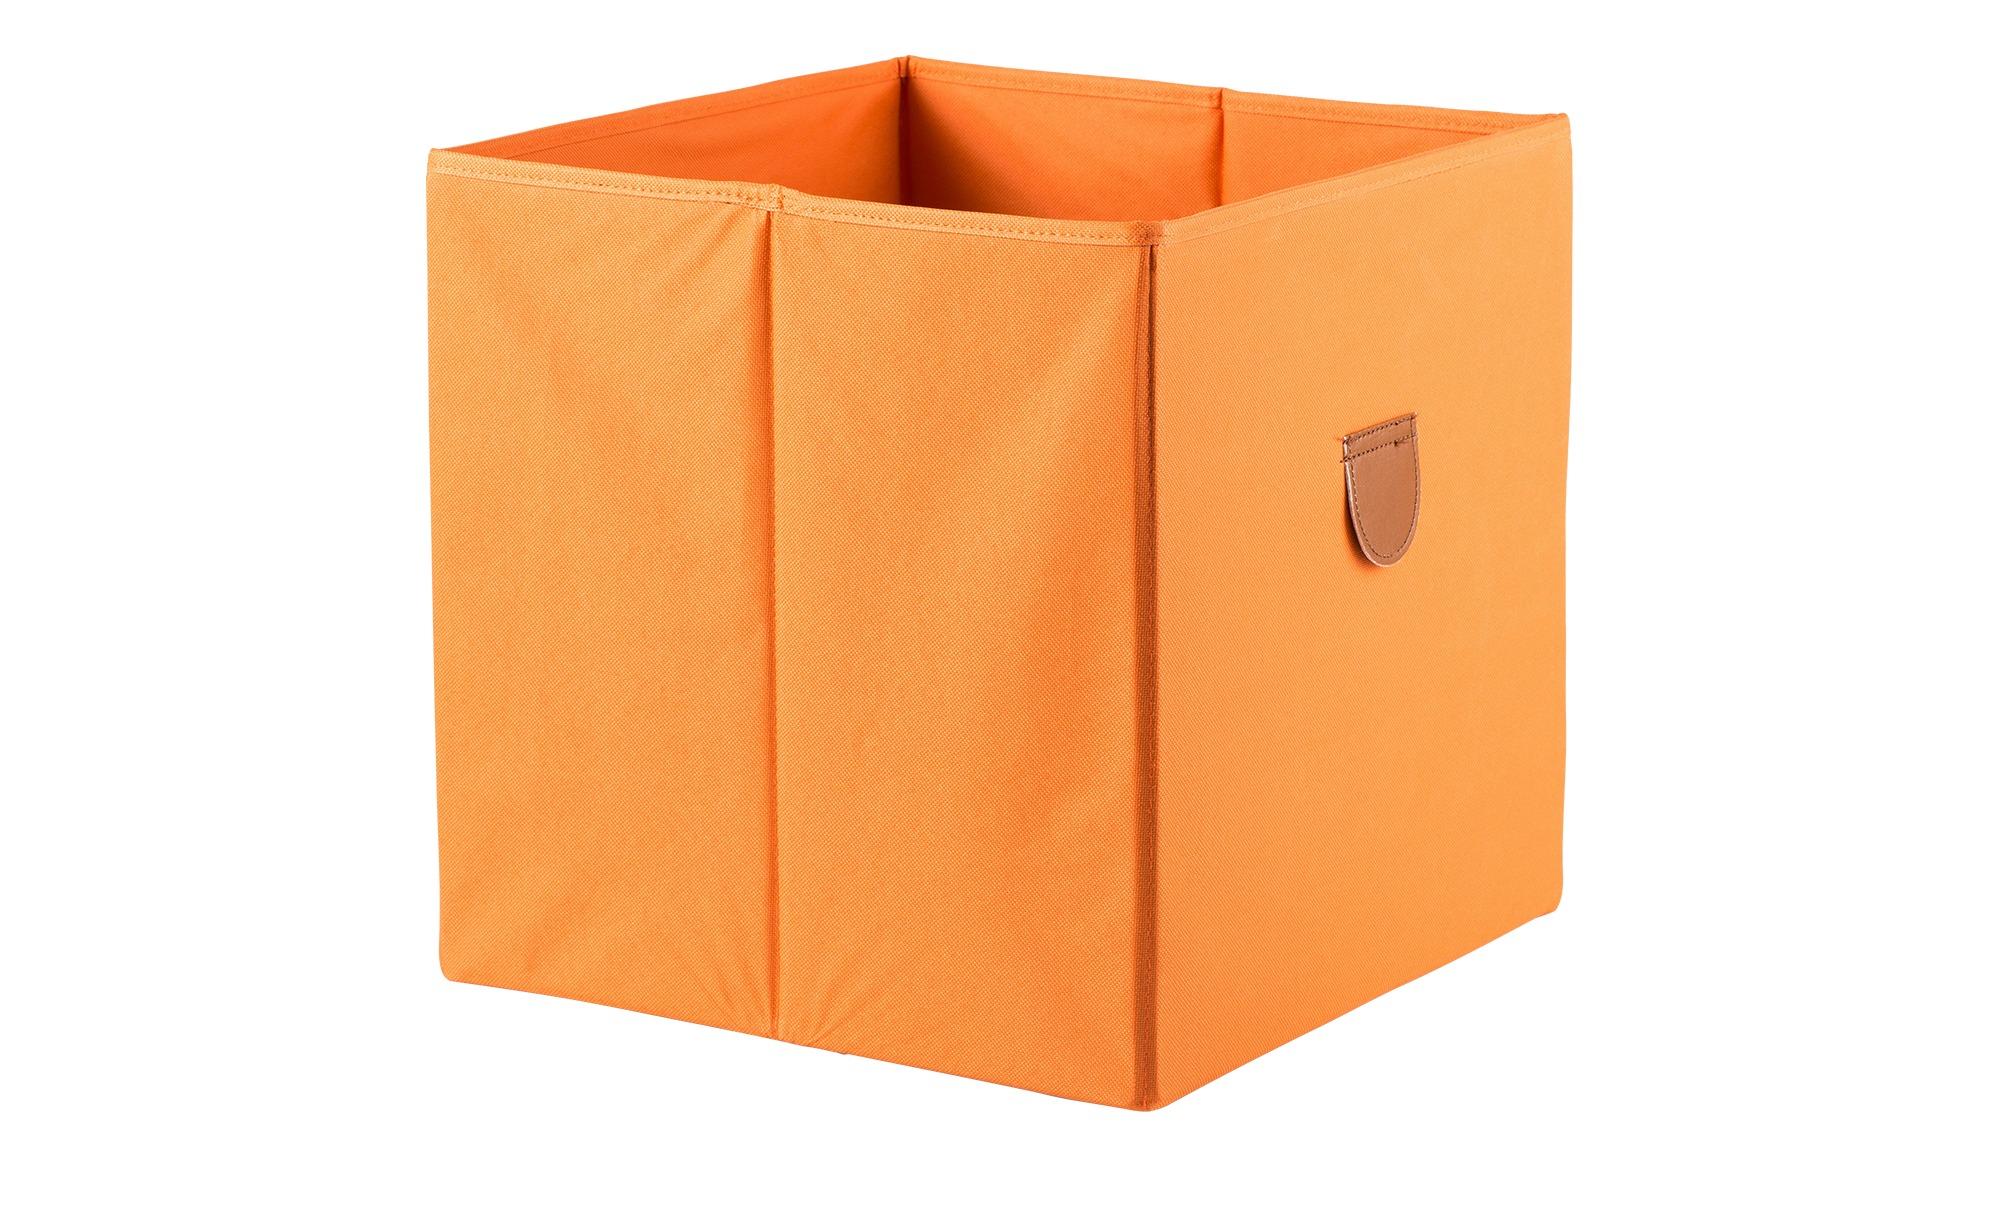 Regalbox ¦ orange ¦ Pappe, Polyester ¦ Maße (cm): B: 34 H: 34 T: 34 Regale > Regal-Aufbewahrungsboxen - Höffner